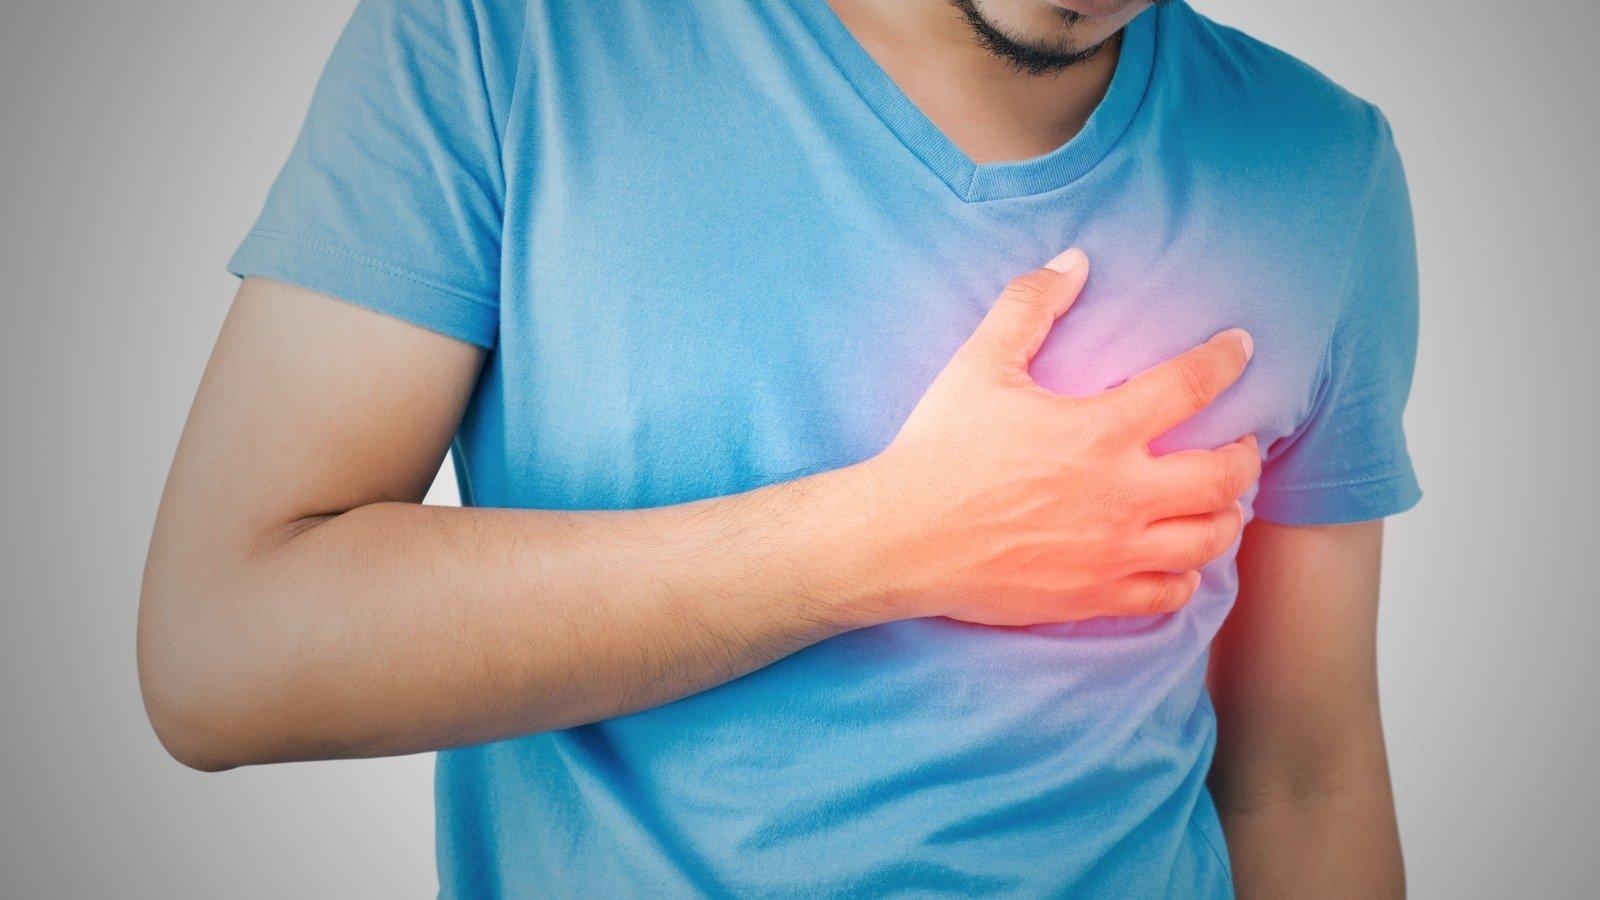 Miokardo infarktas (6 gydytojų patarimai kaip išvengti problemų) | vanagaite.lt